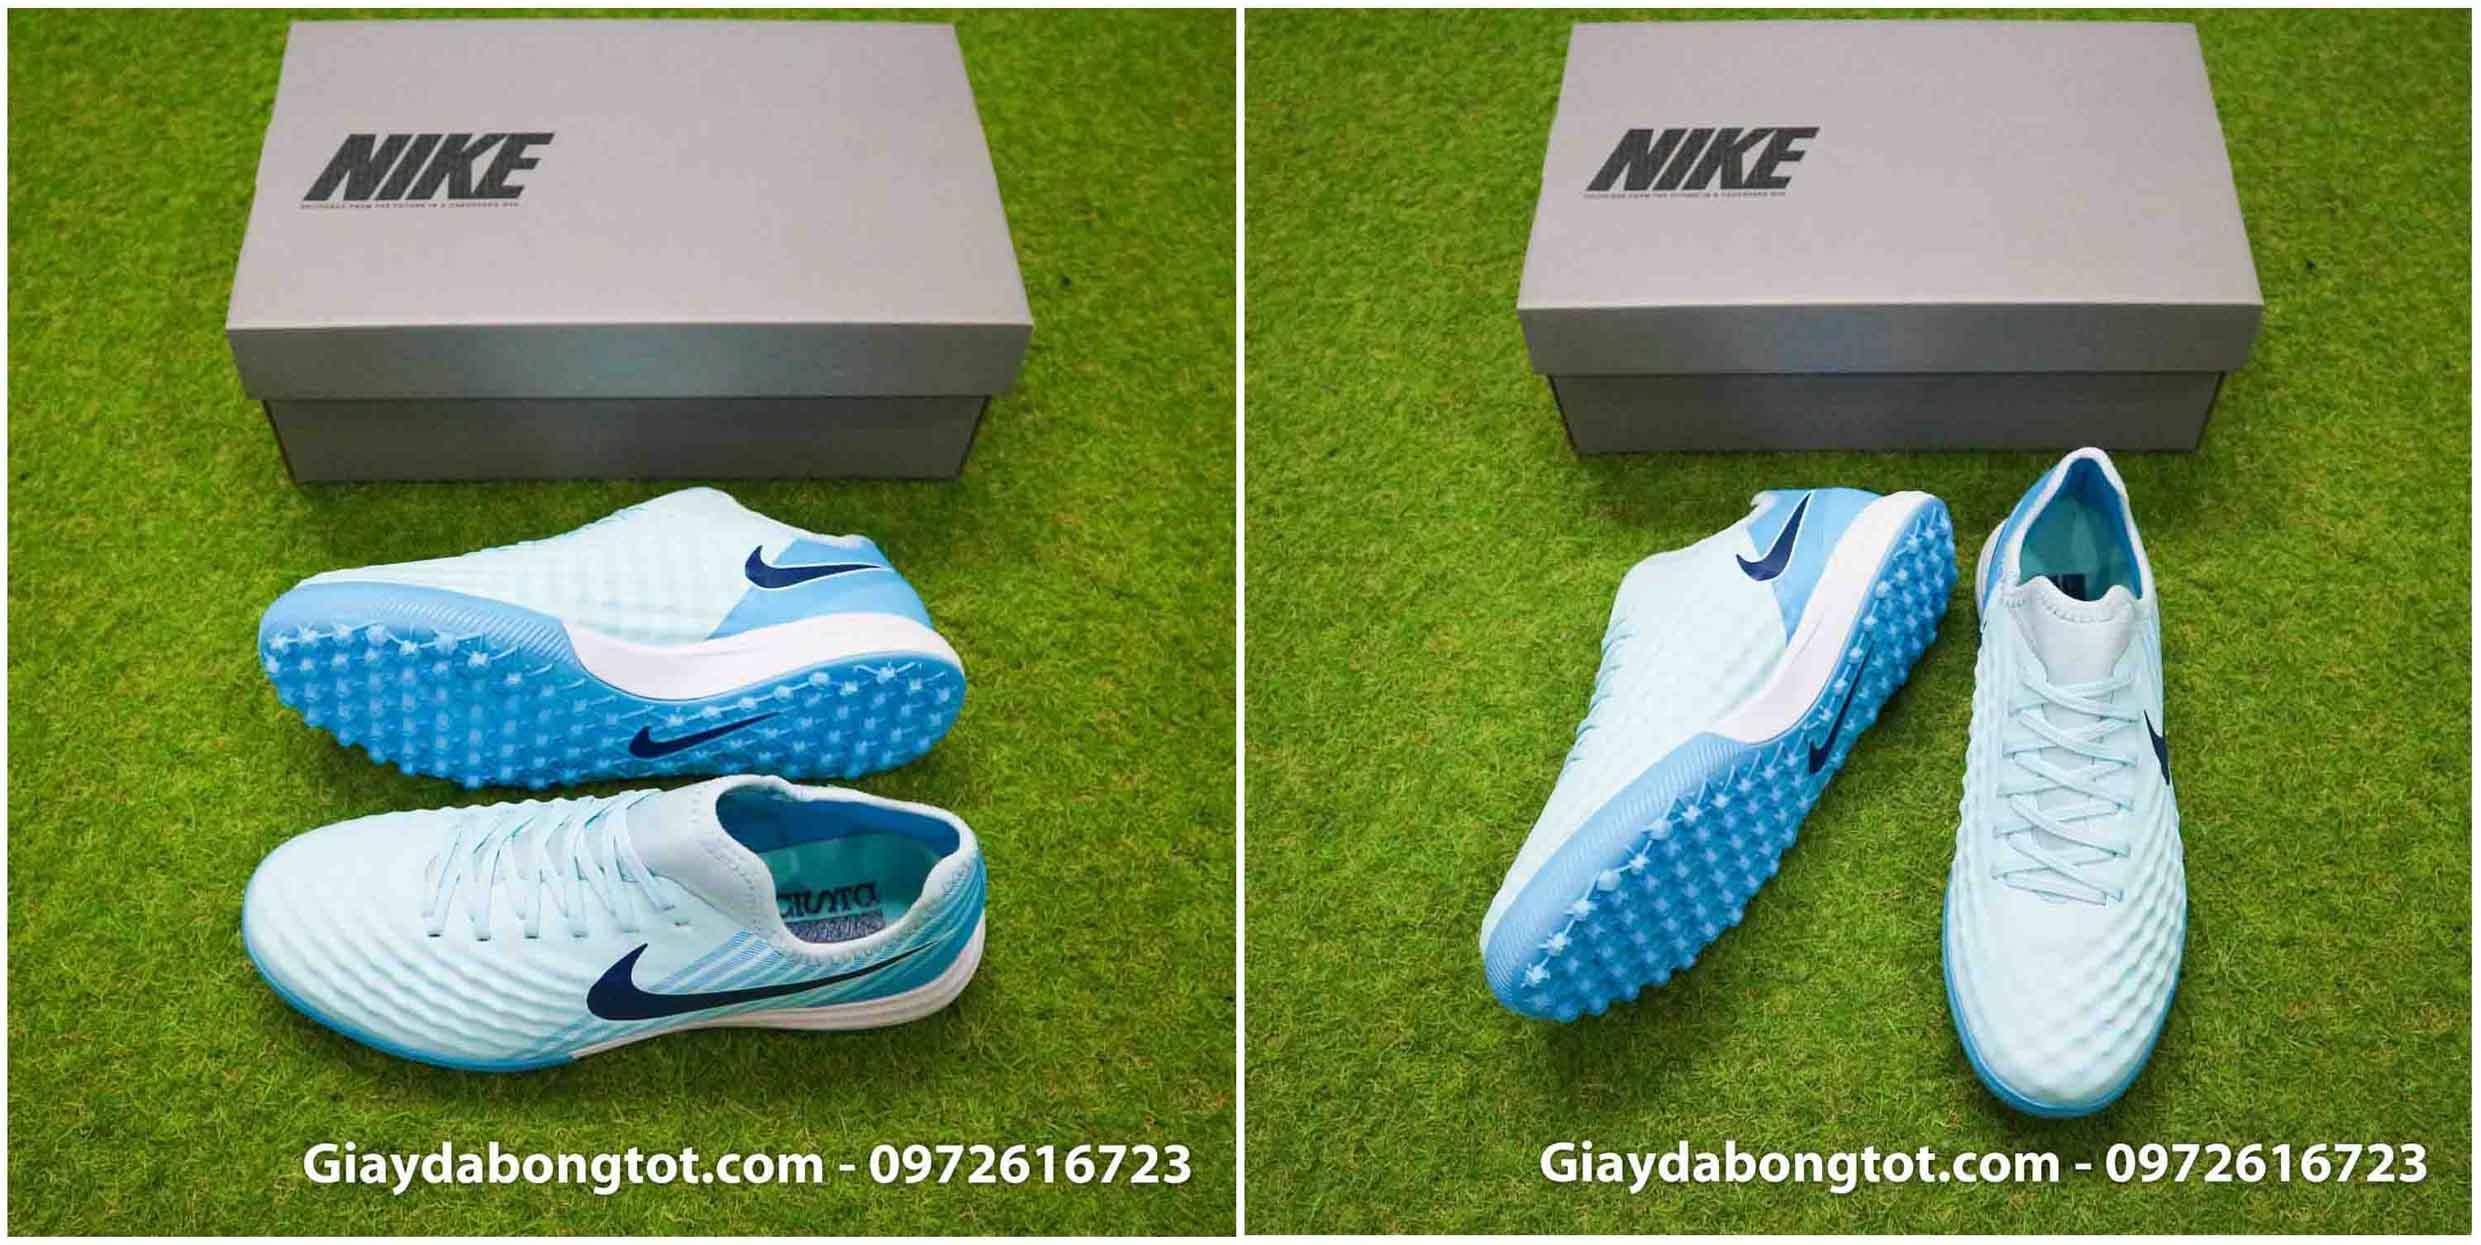 Giày sân cỏ nhân tạo Nike Magista đinh dăm TF rất đẹp mắt